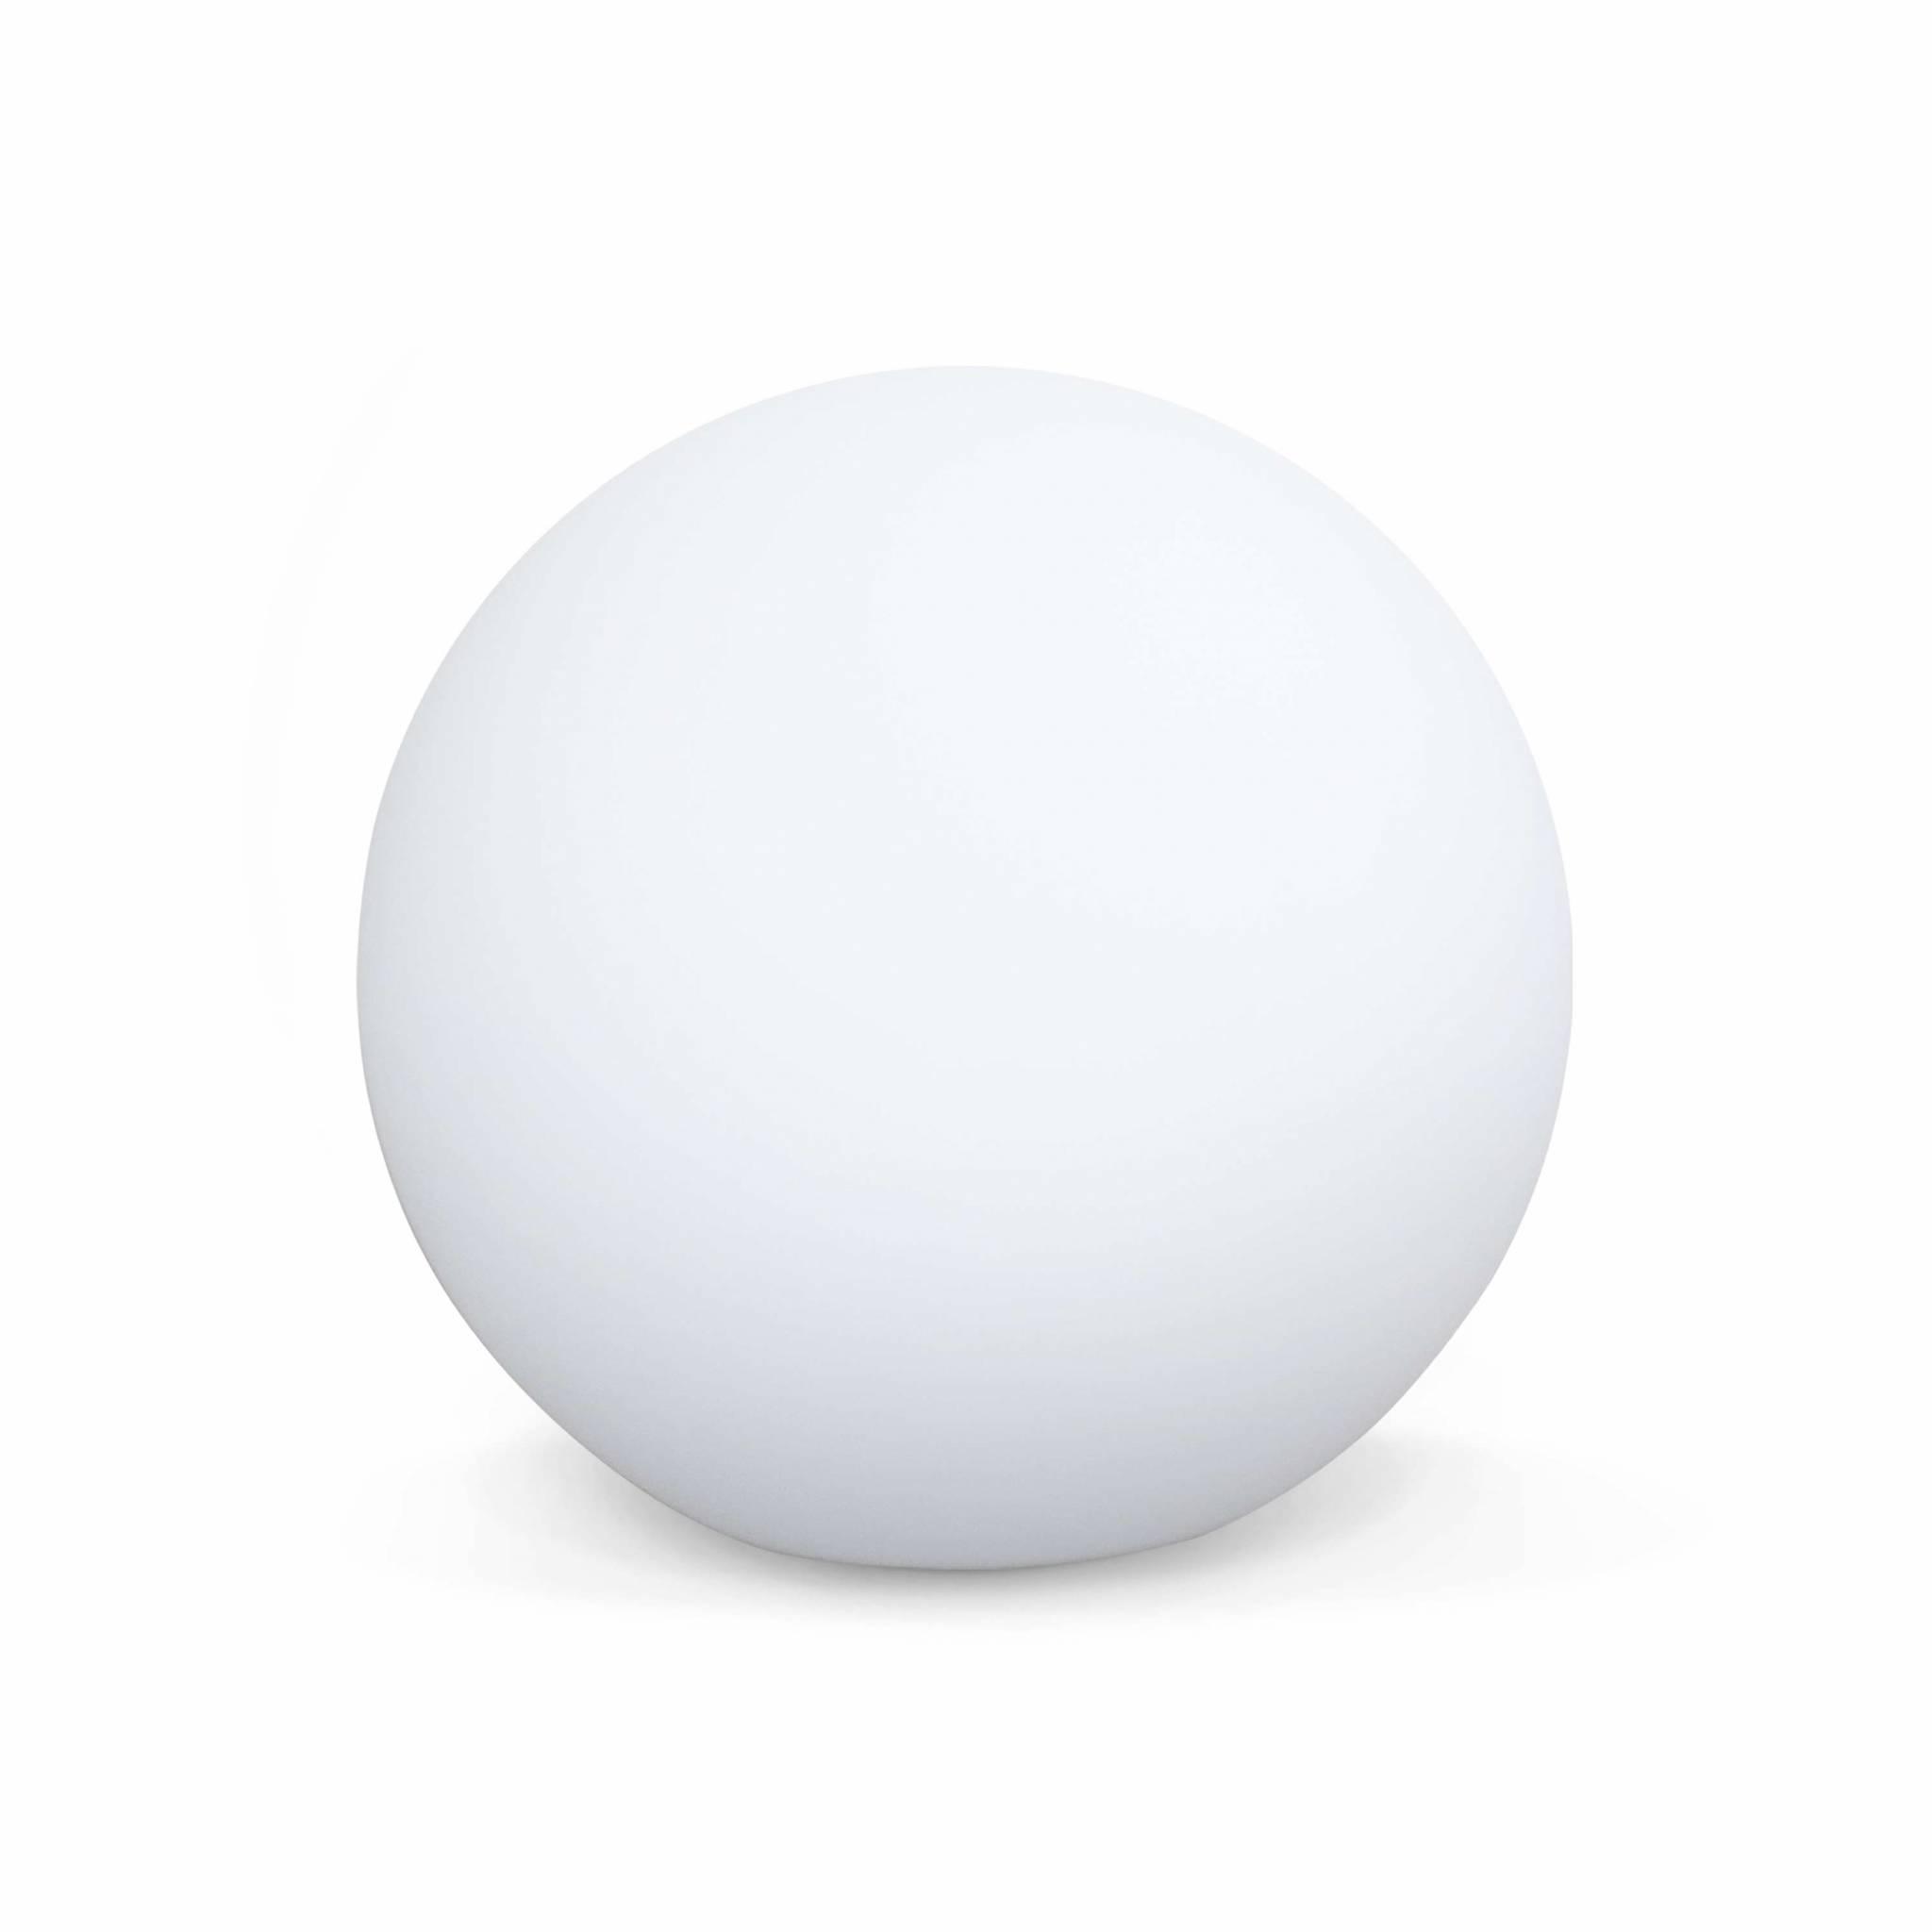 Boule led 50cm – sphère décorative lumineuse D50cm blanc chaud